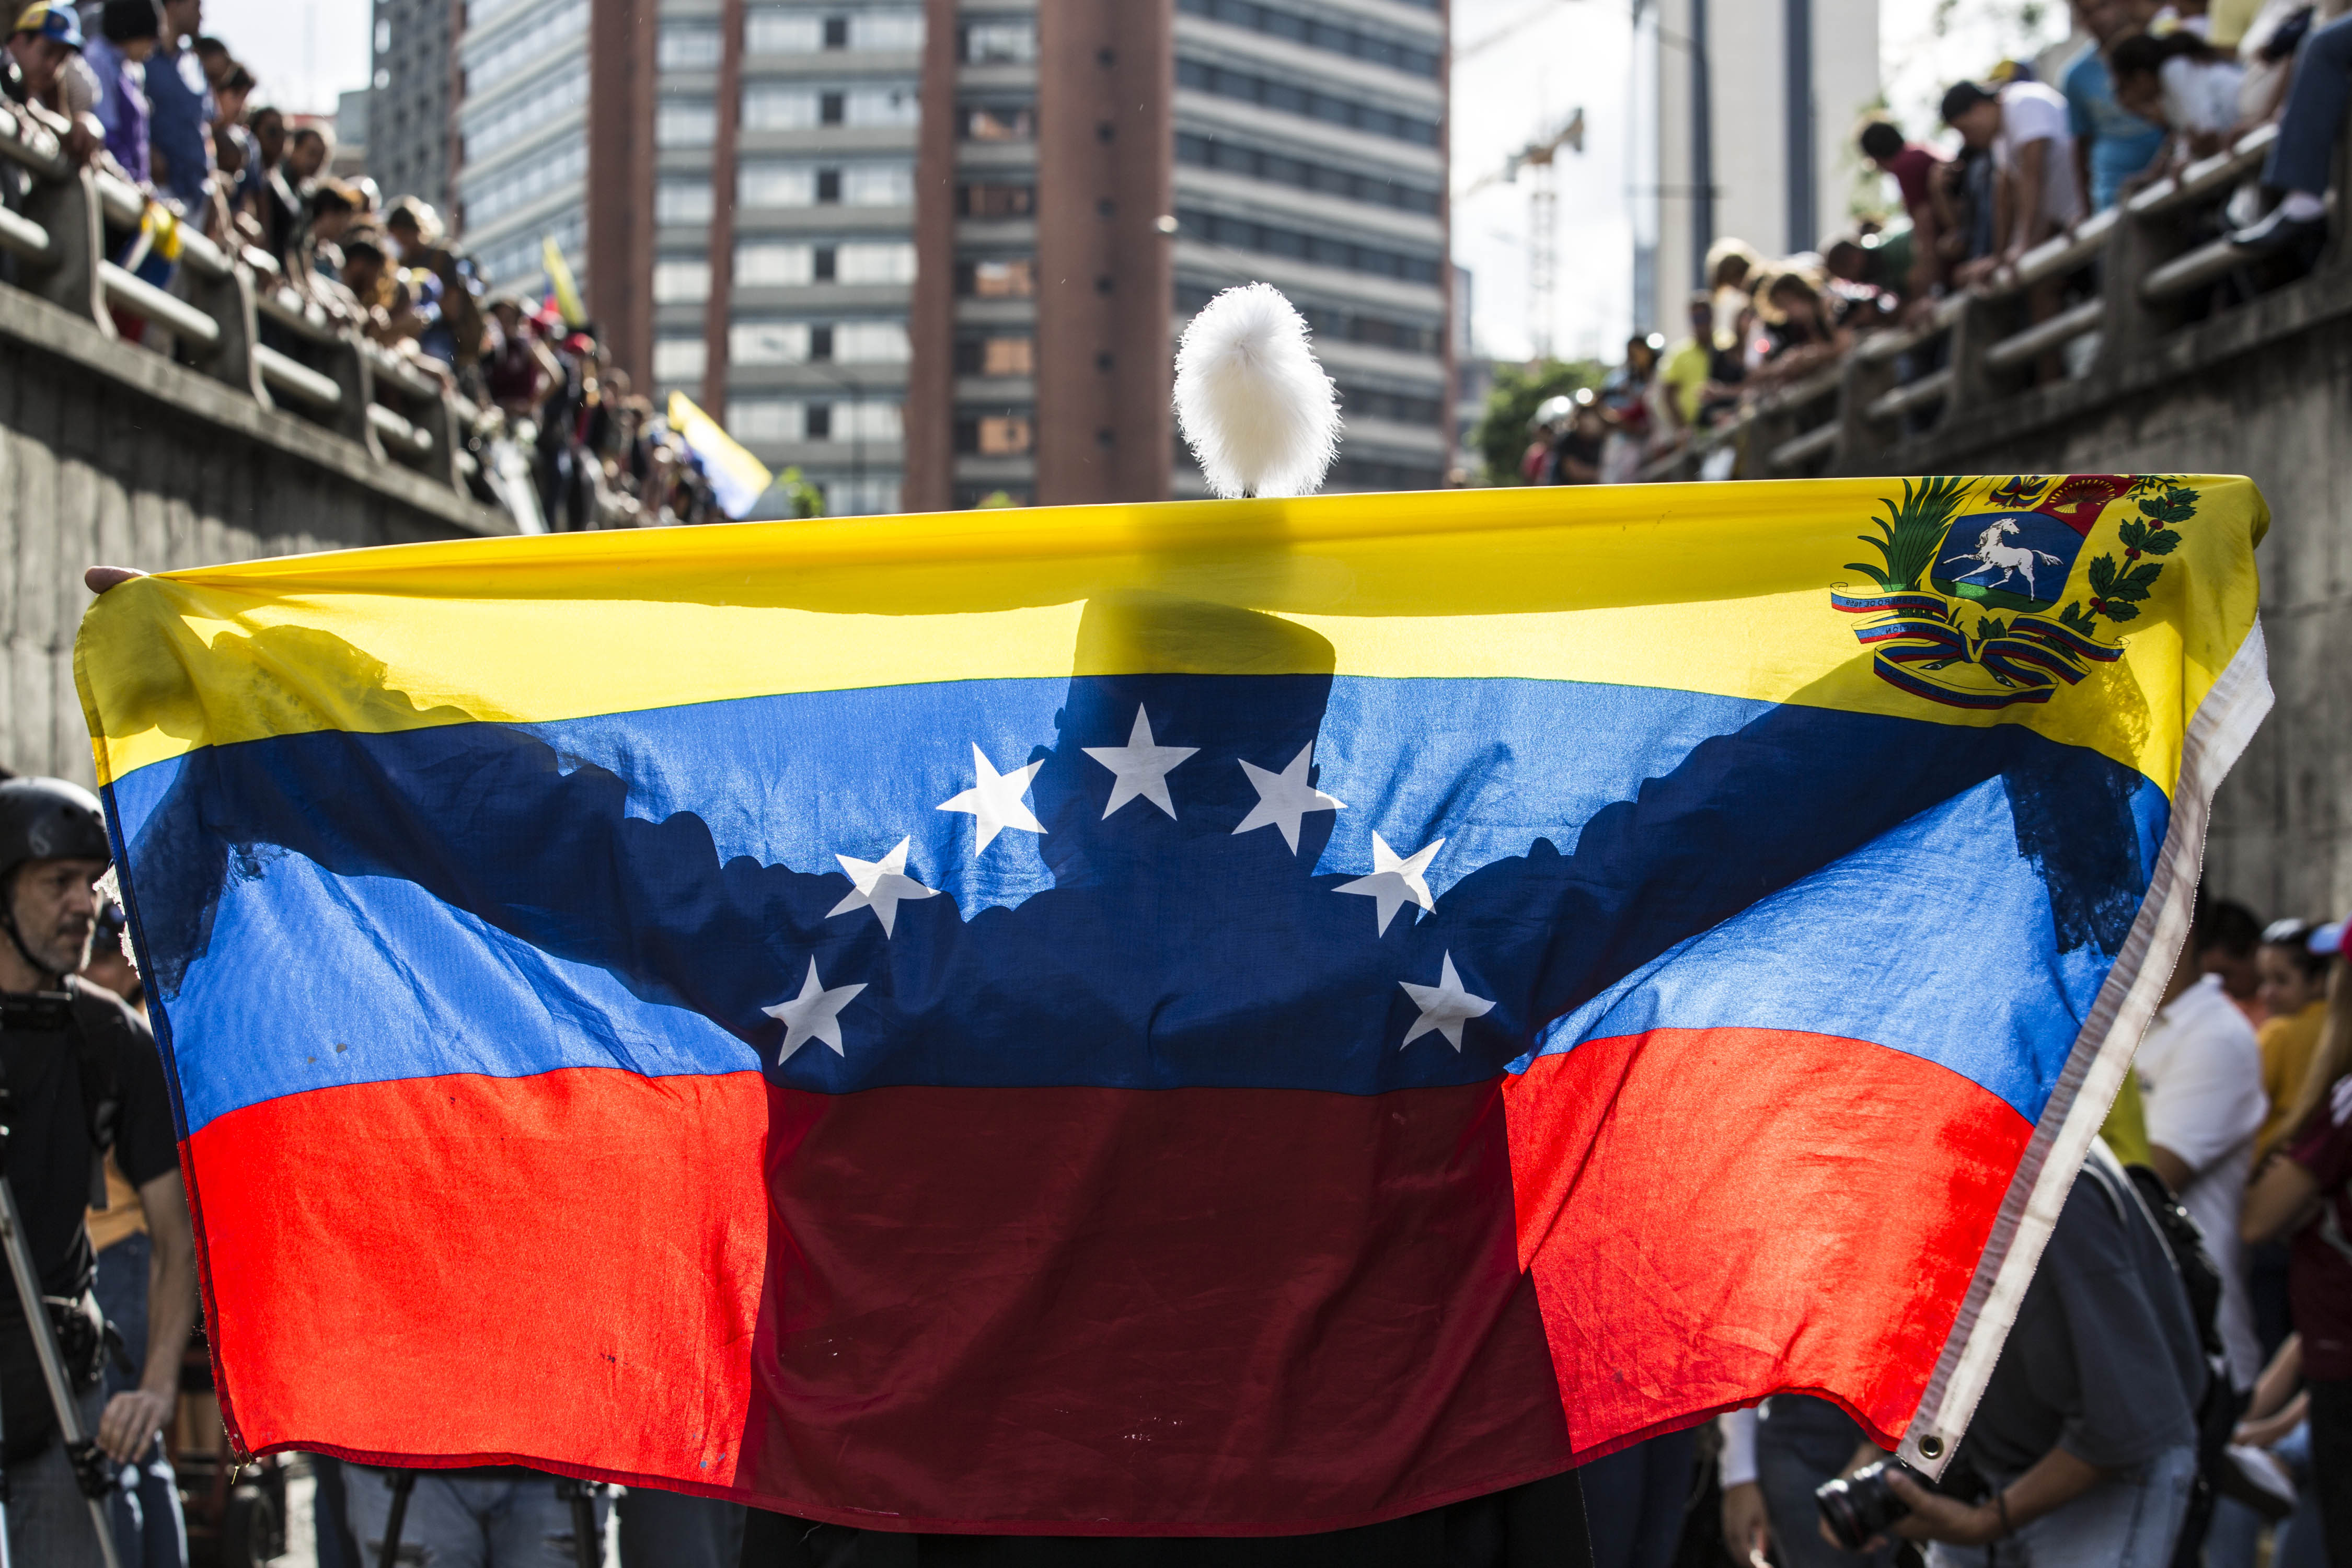 Una persona estén una bandera veneçolana davant desenes de manifestants durant una protesta antigovernamental. /NATHALIE SAYAG